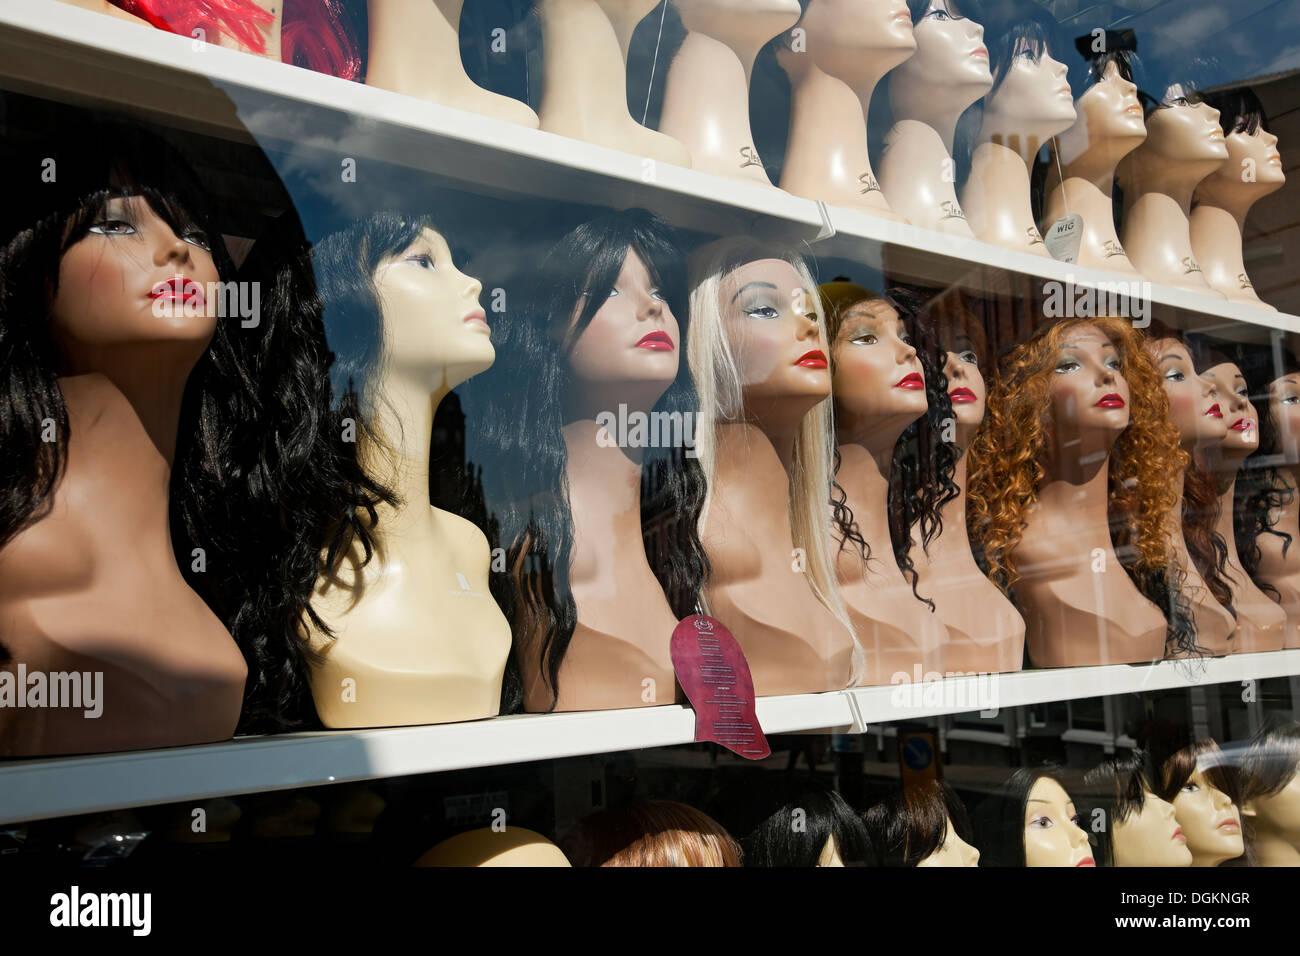 Perruques exposées dans une vitrine. Photo Stock